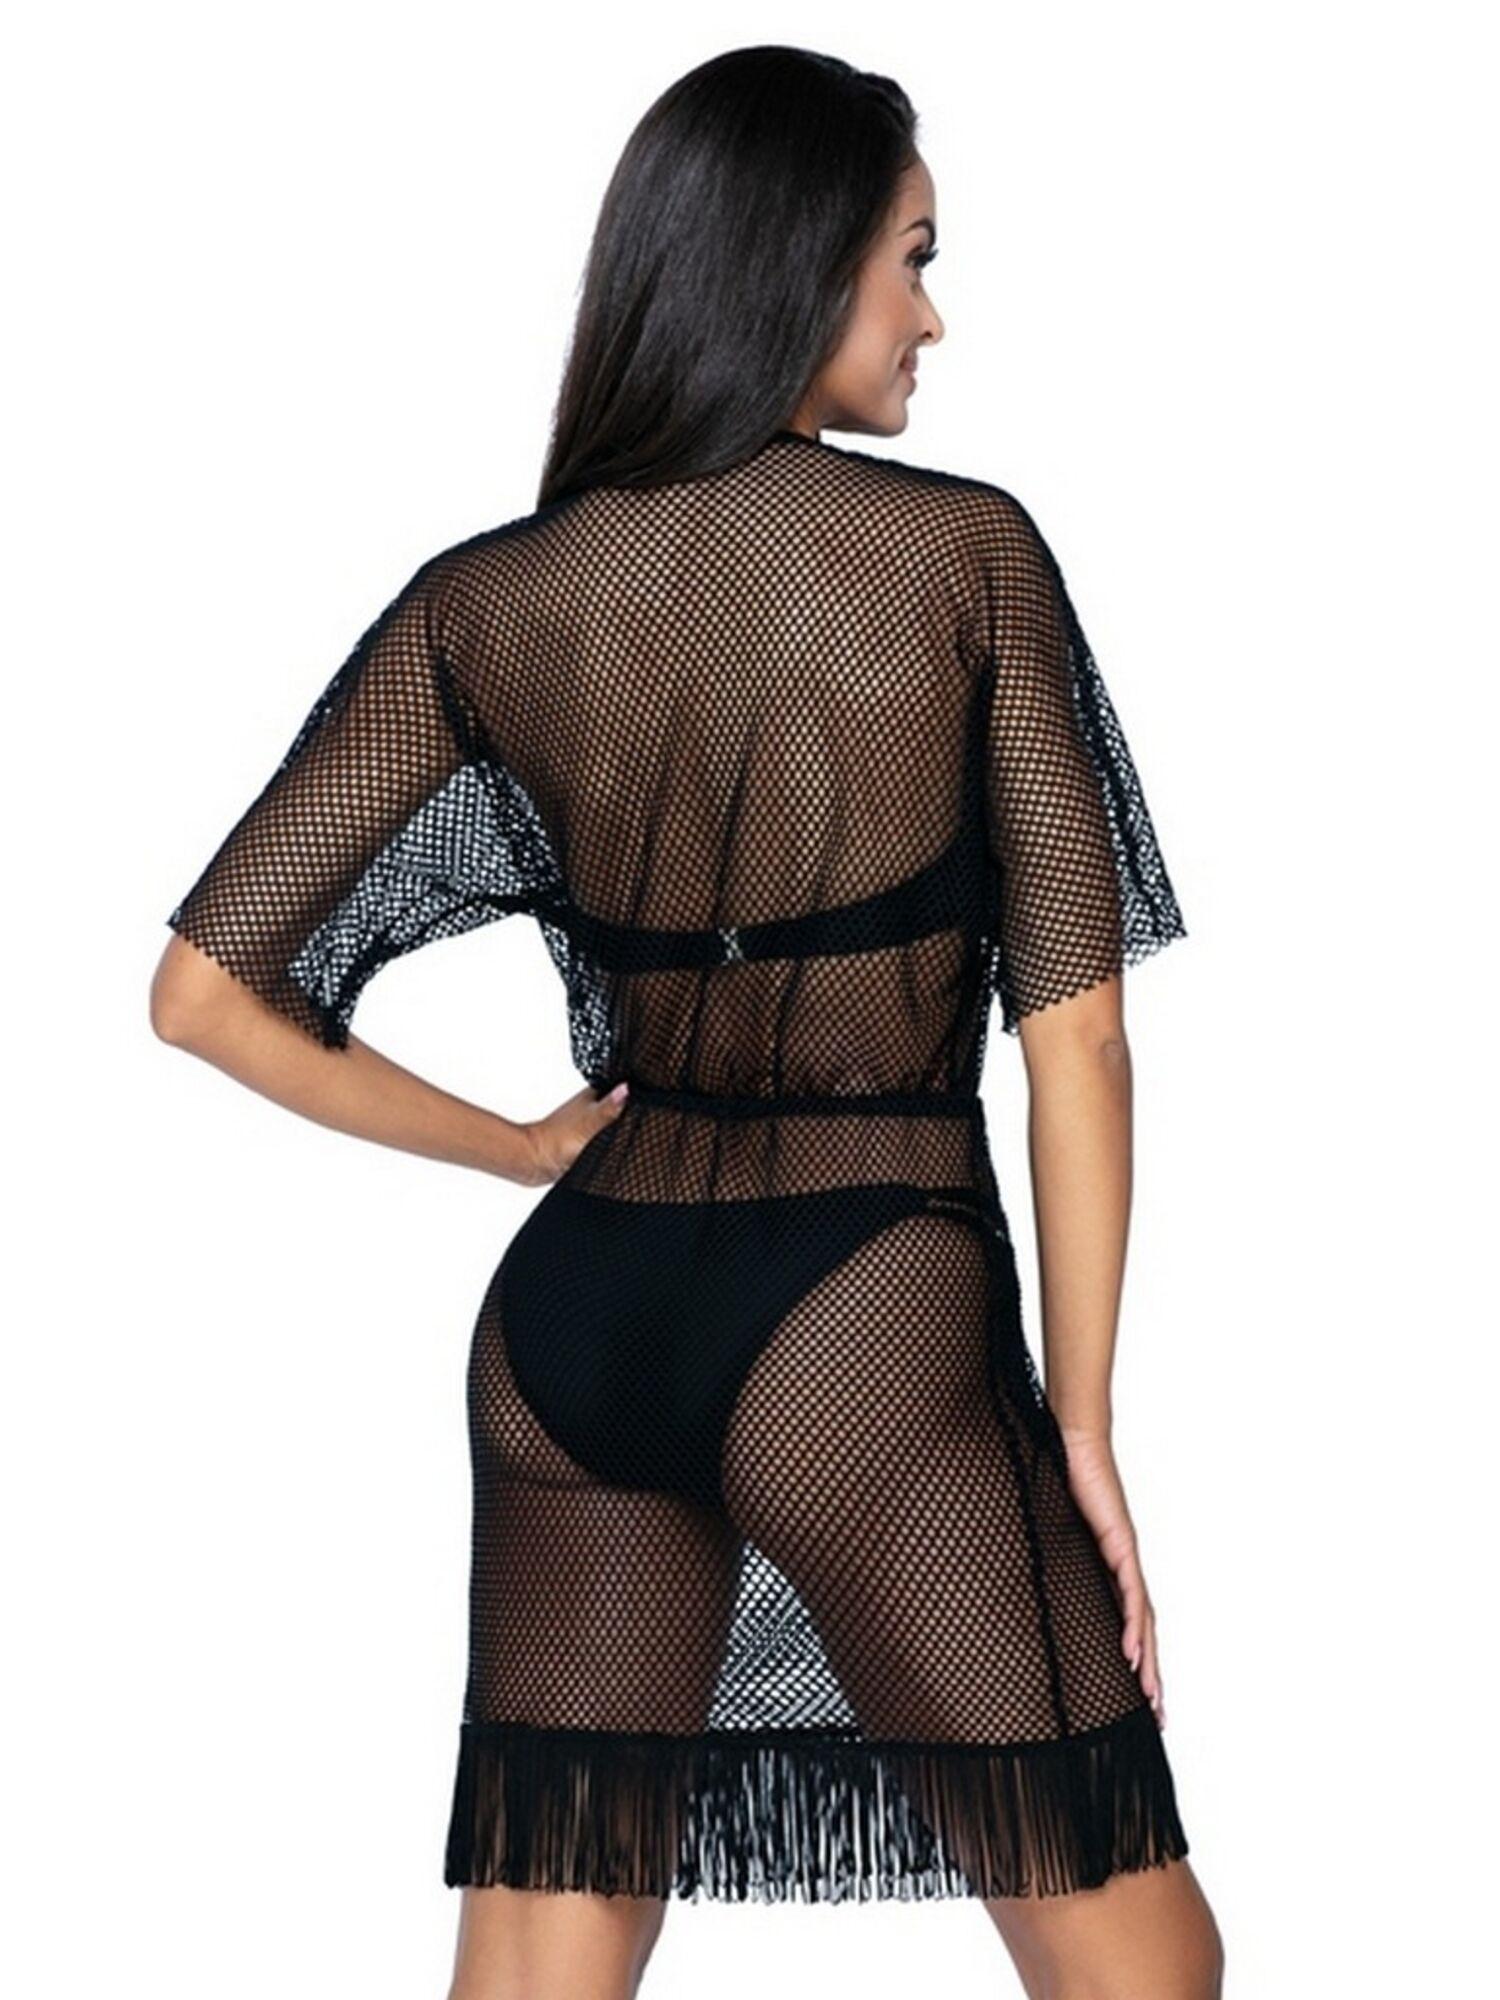 Оригинальное женское платье туника пляжное прозрачное с бахромой L6030/0, LORIN